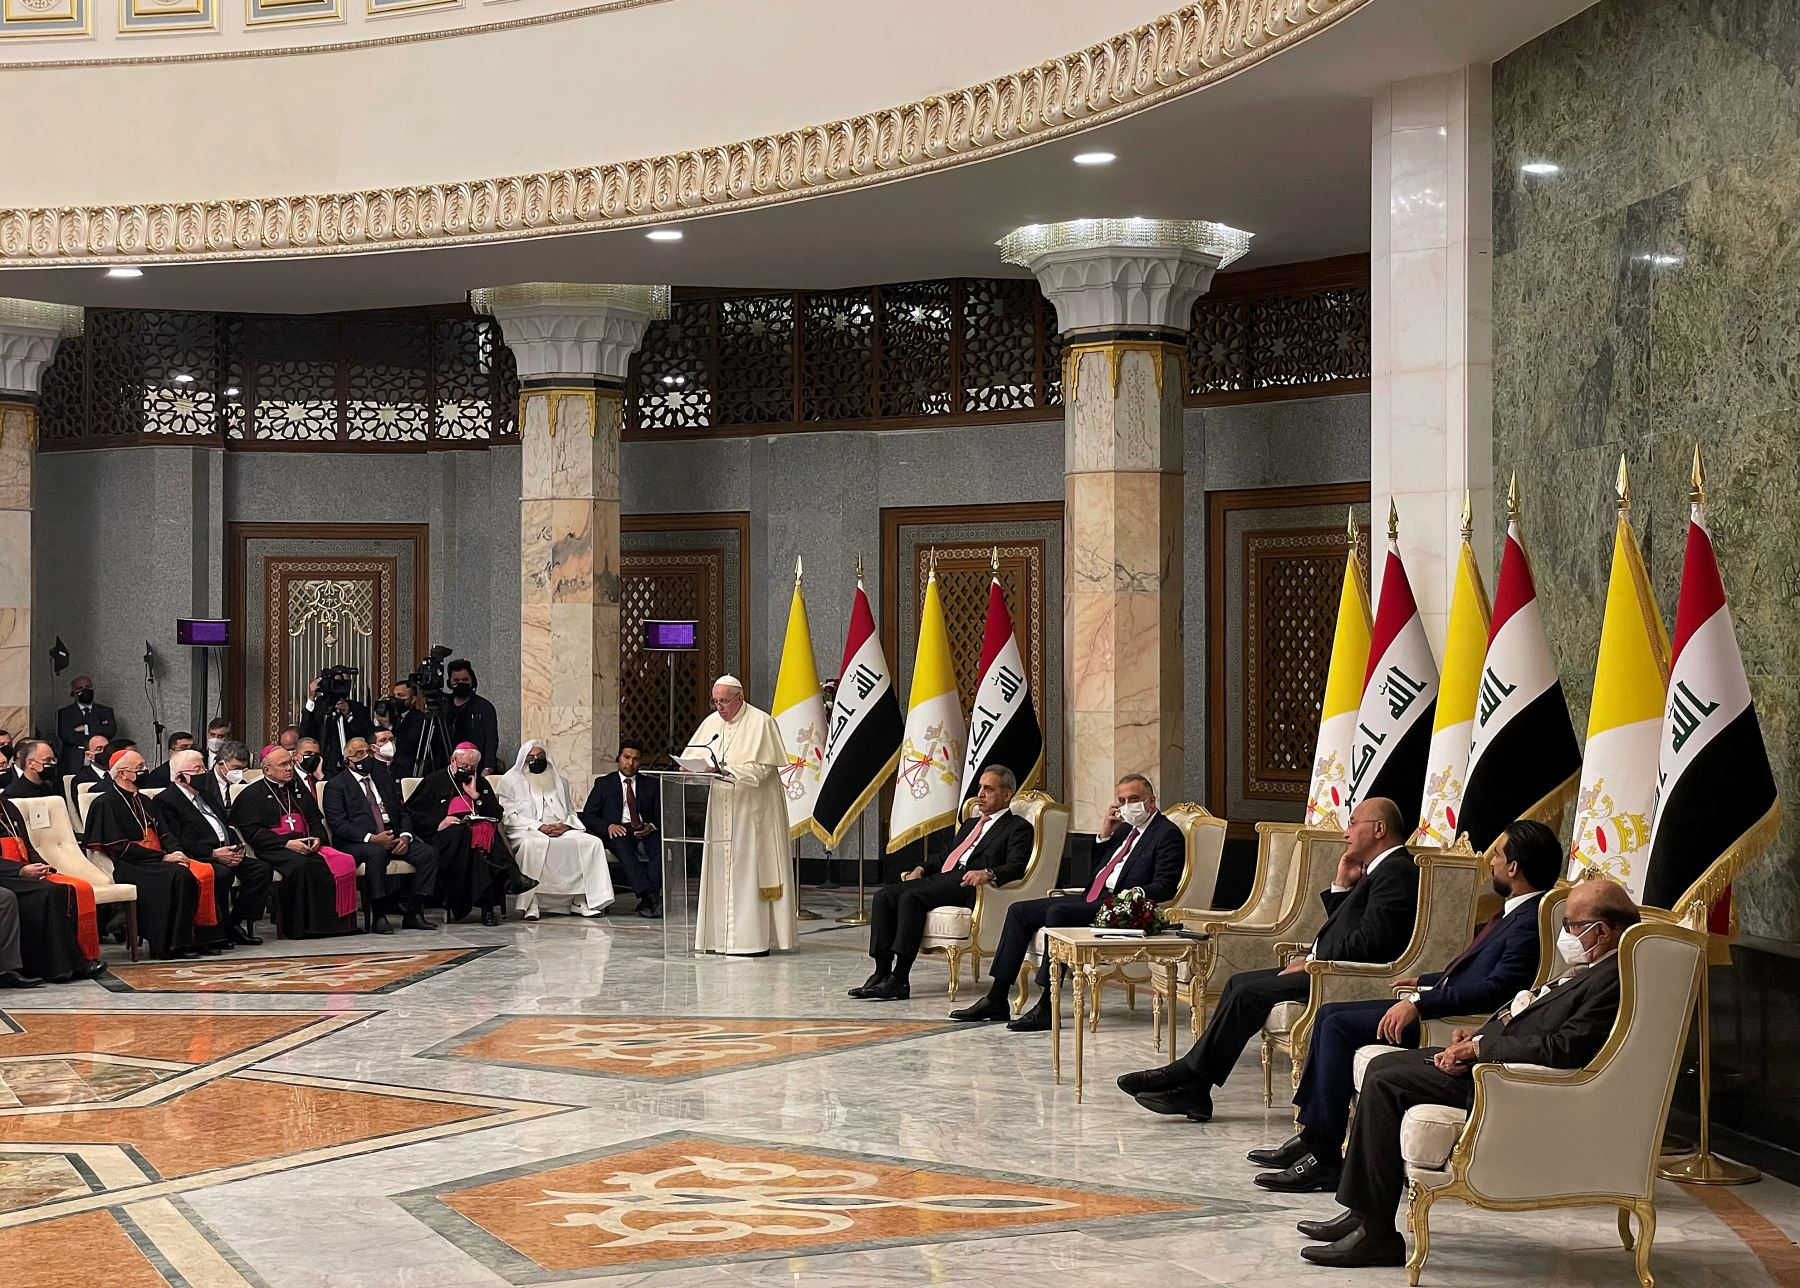 El presidente iraquí Barham Saleh y otros funcionarios iraquíes escuchan el discurso del Papa Francisco en el palacio presidencial en la Zona Verde de Bagdad. Foto: AFP